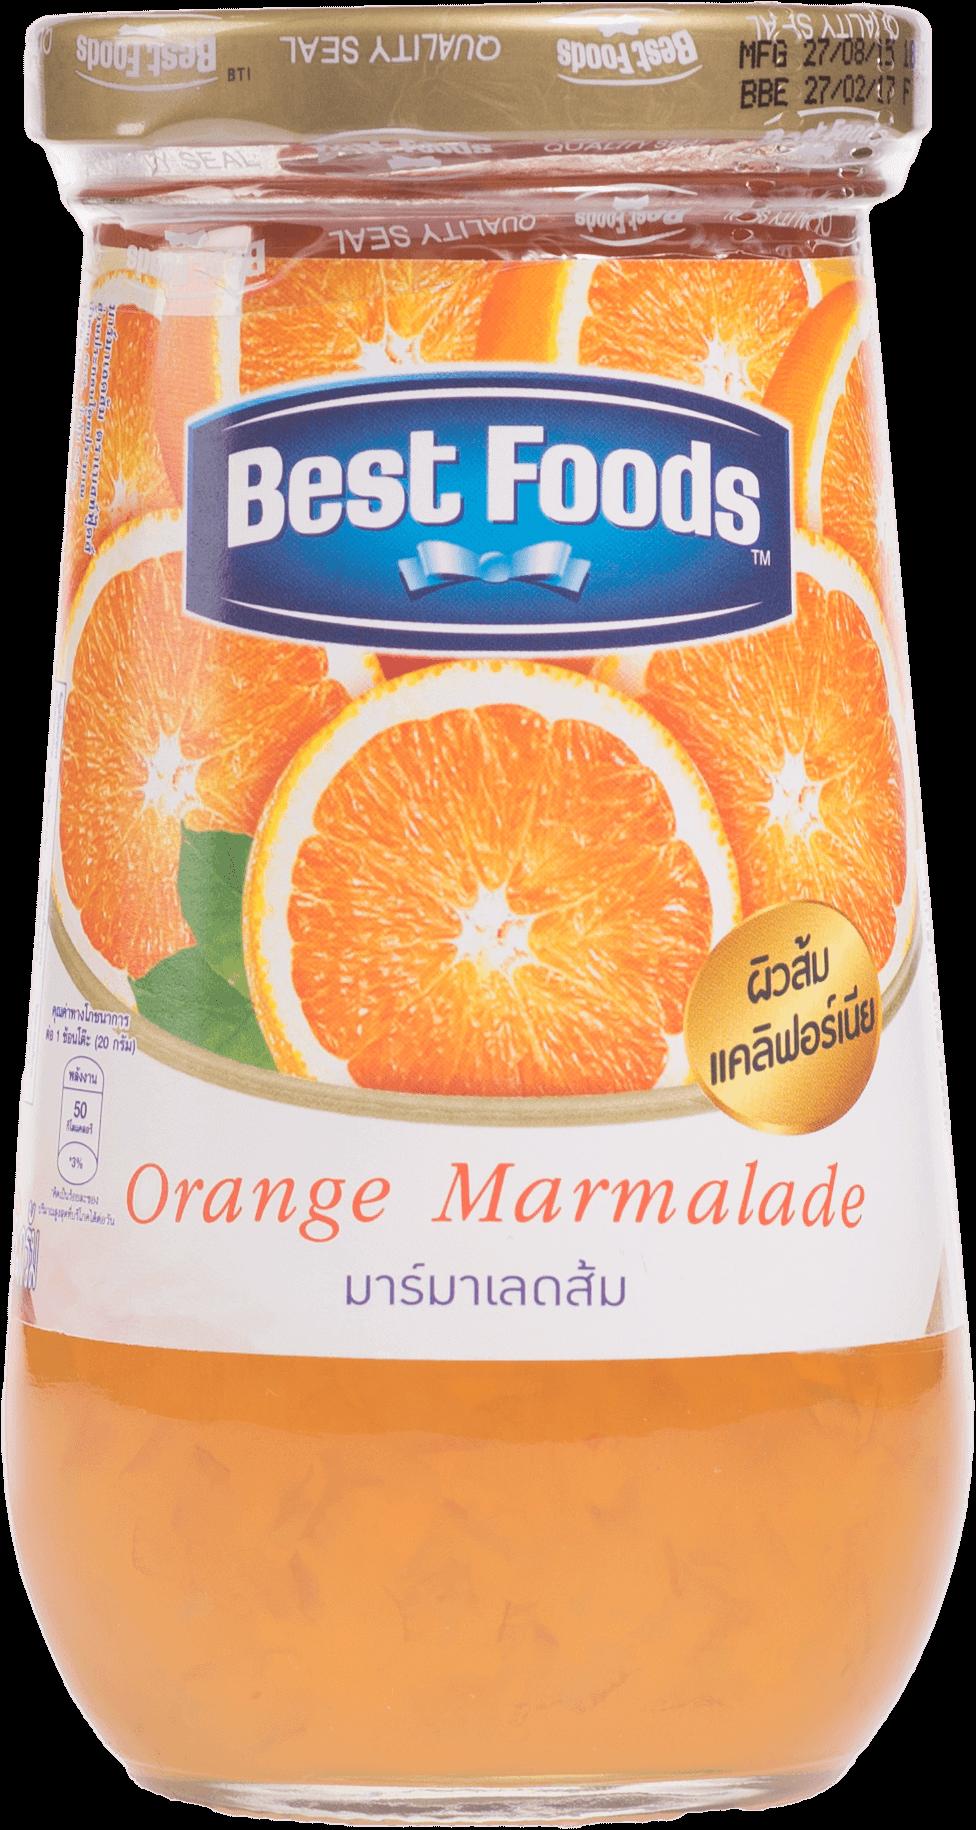 แยมผลไม้ Best Foods รสส้มมาร์มาเลด 400กรัม